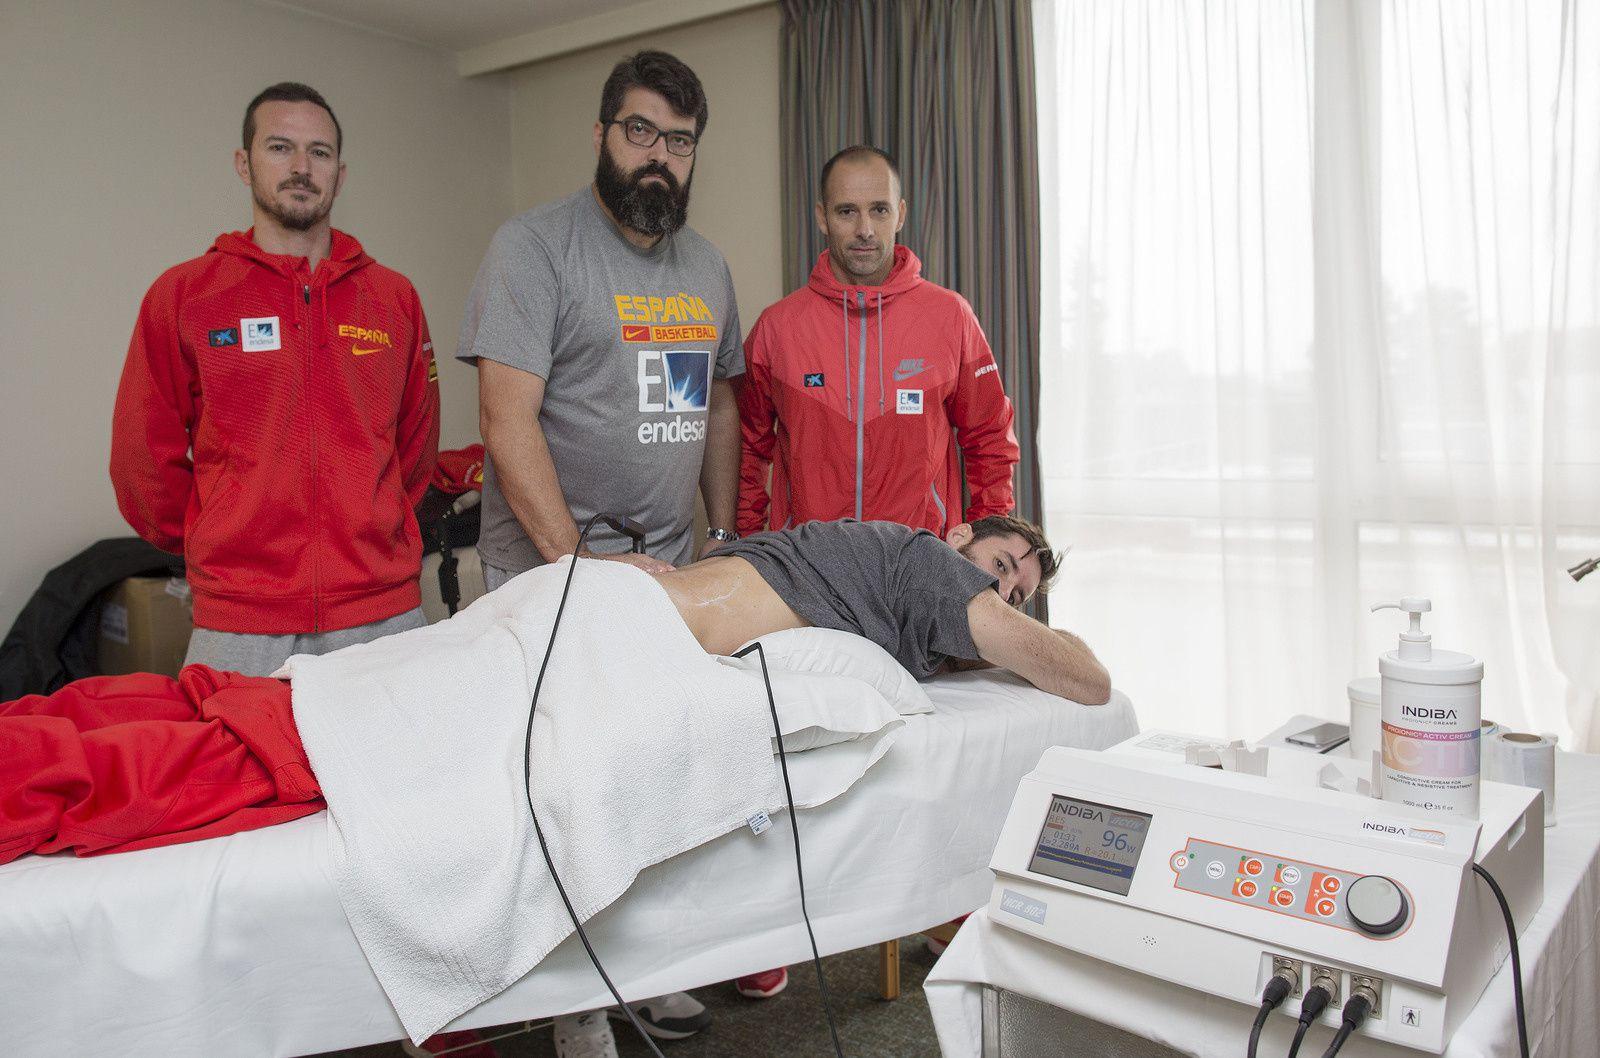 Rudy Fernandez et le Staff médical de l'Equipe d'Espagne en pleine préparation pour la finale des Championnats d'Europe de Basket 2015